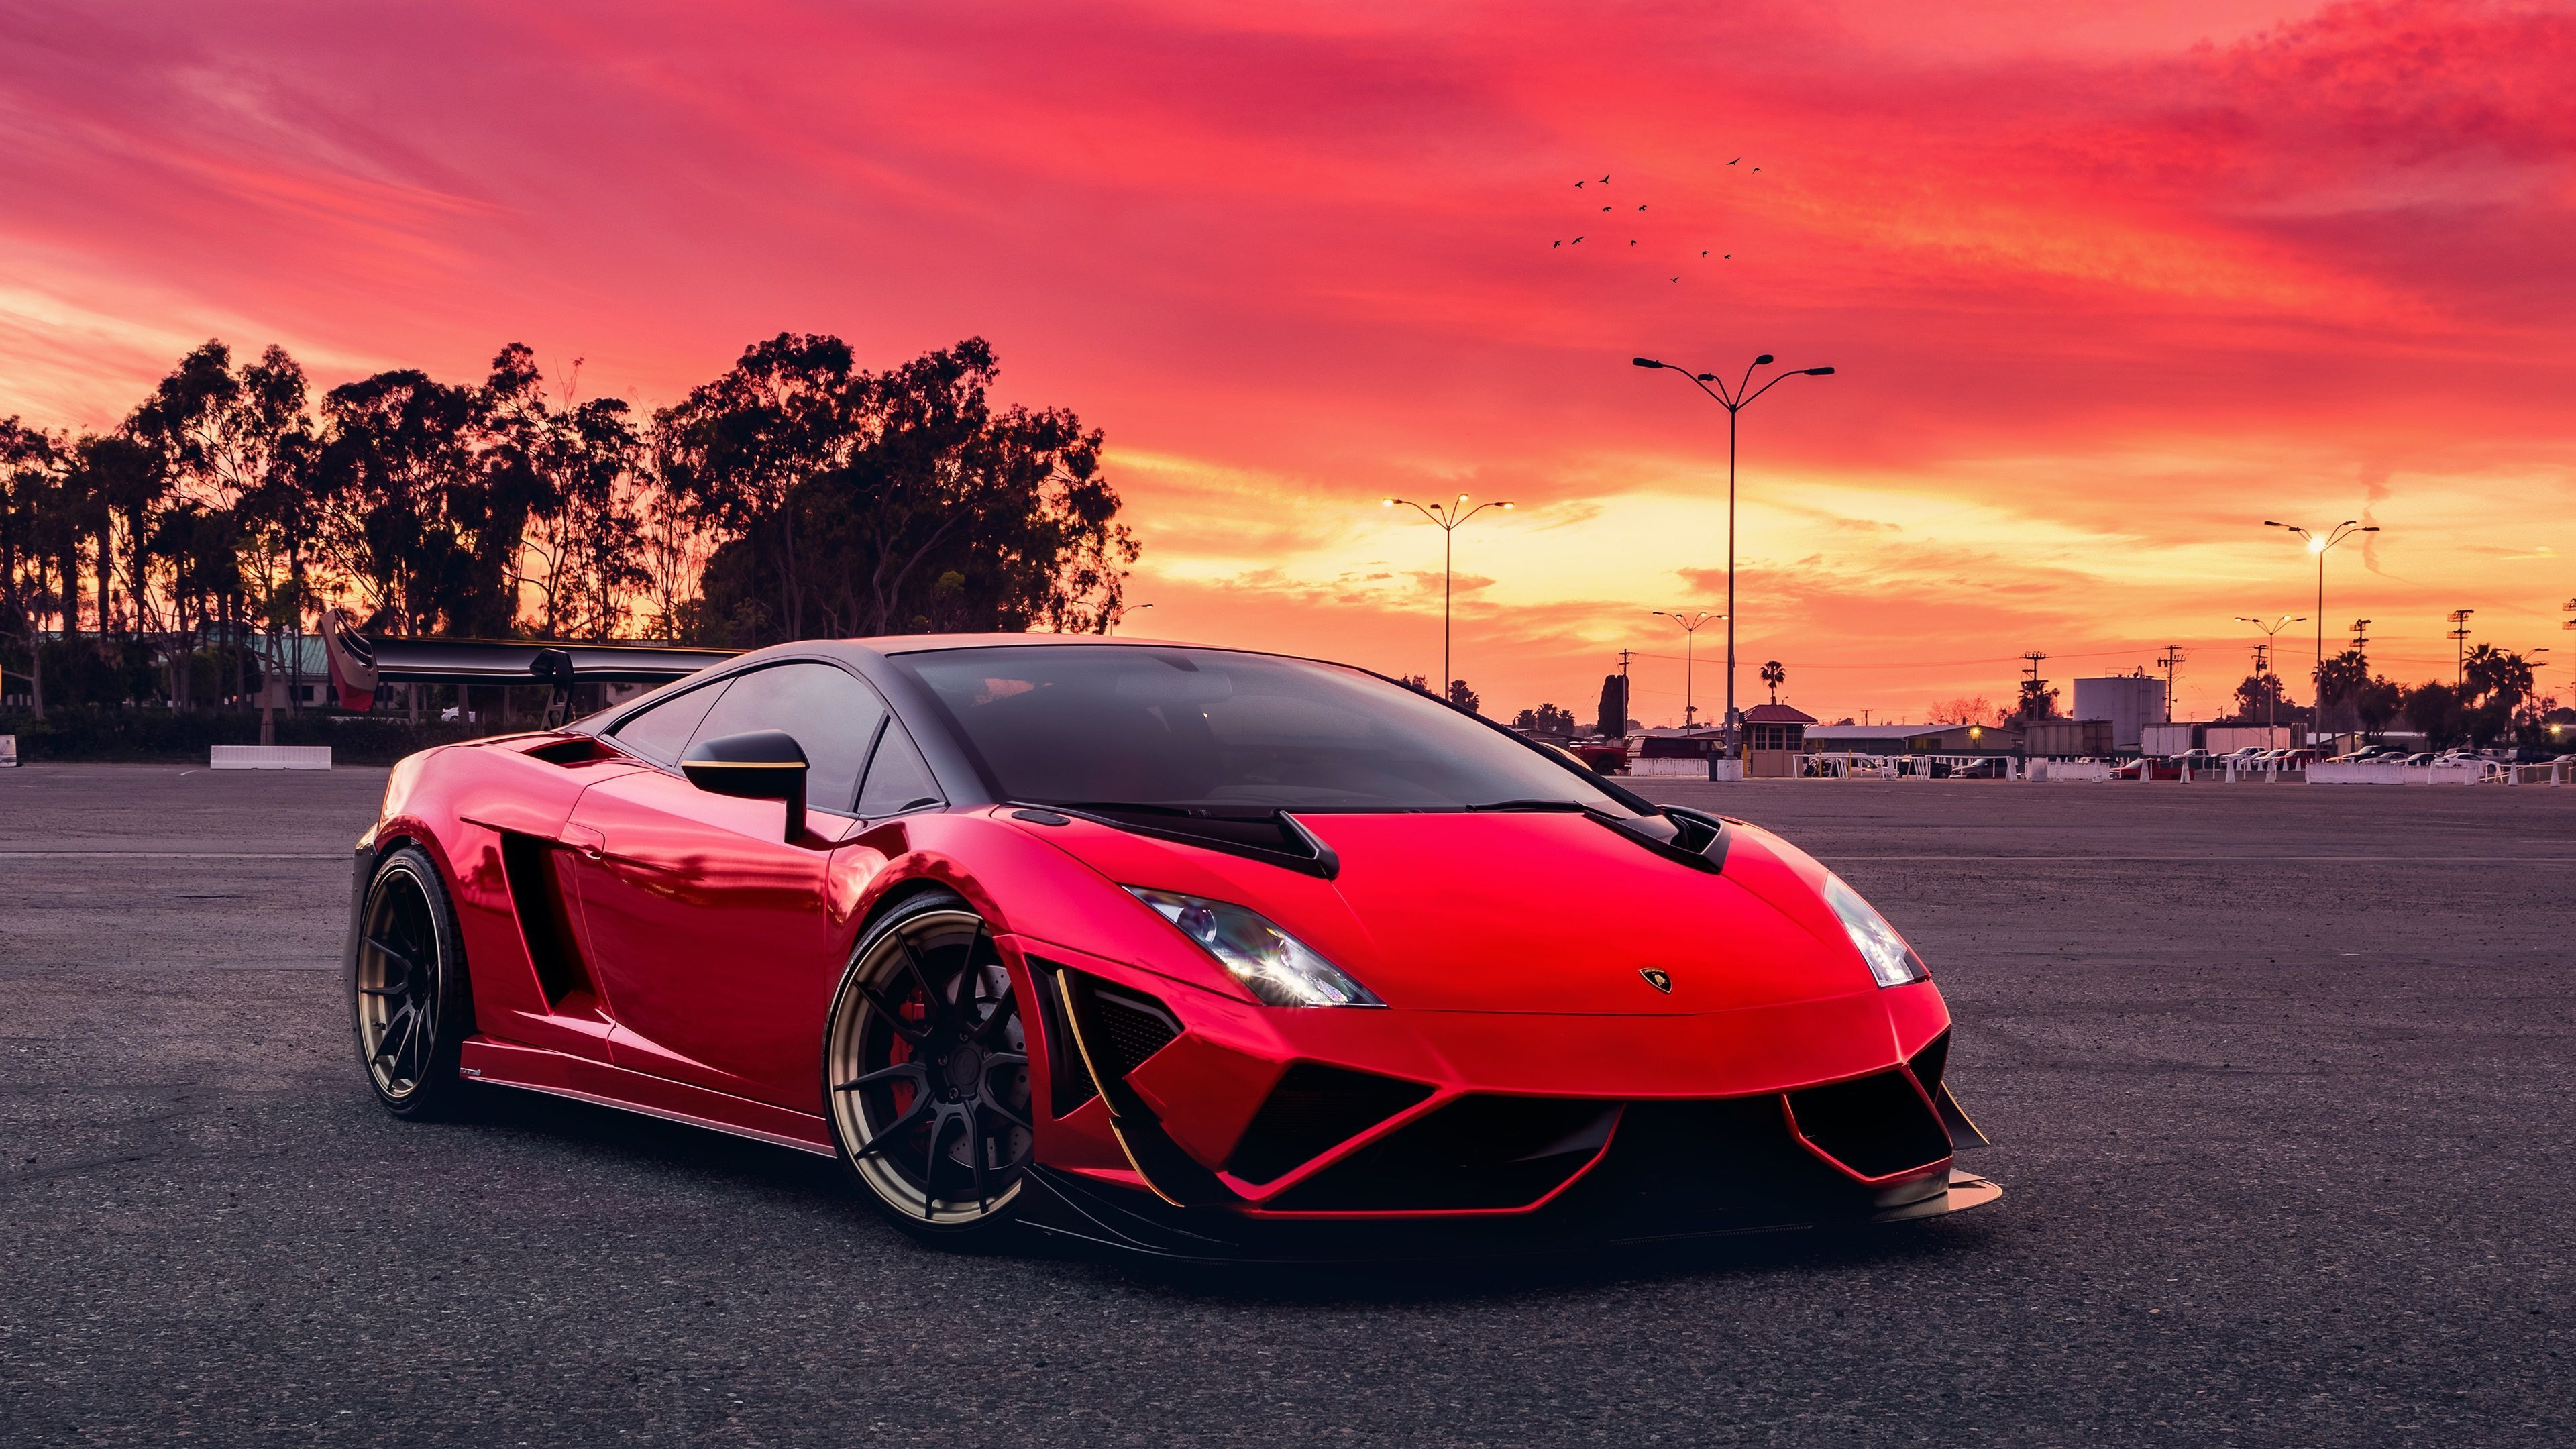 Luxury Motor Press Red Lamborghini Lamborghini Gallardo Red Car